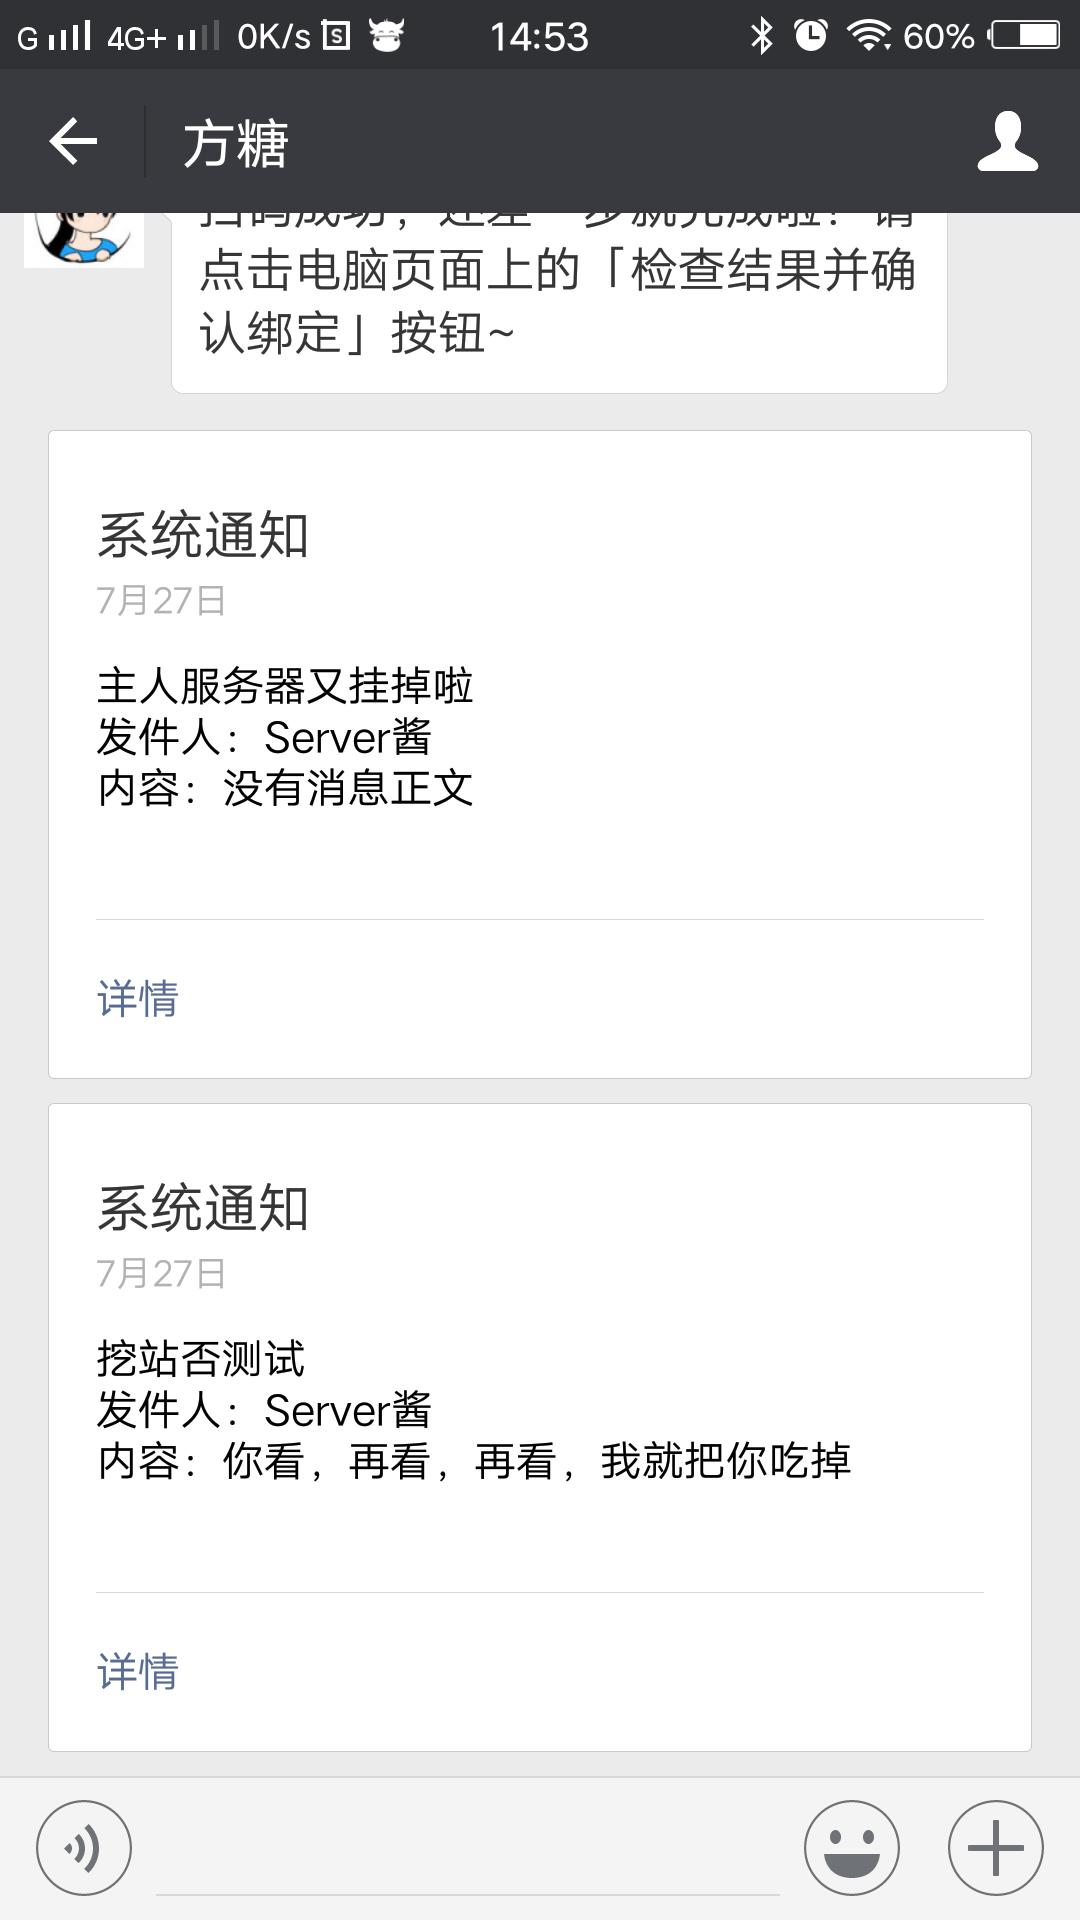 羊毛党之家 WordPress评论微信通知和邮件提醒-Server酱和第三方SMTP发信(转发)  https://yangmaodang.org